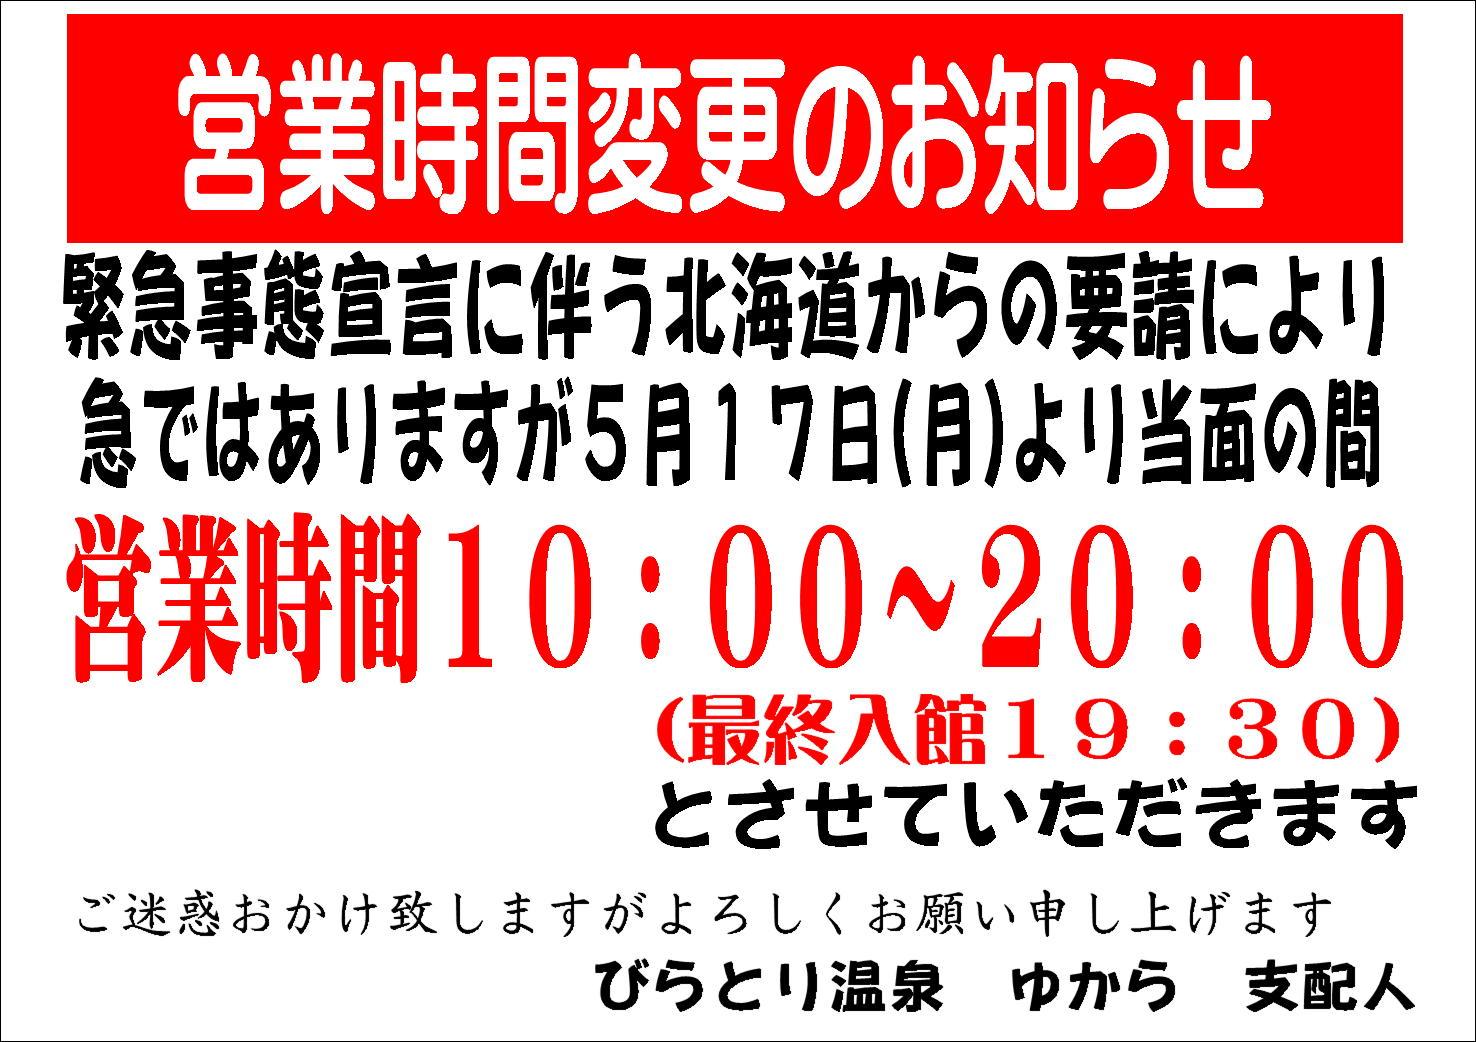 緊急事態宣言 営業時間変更.JPG